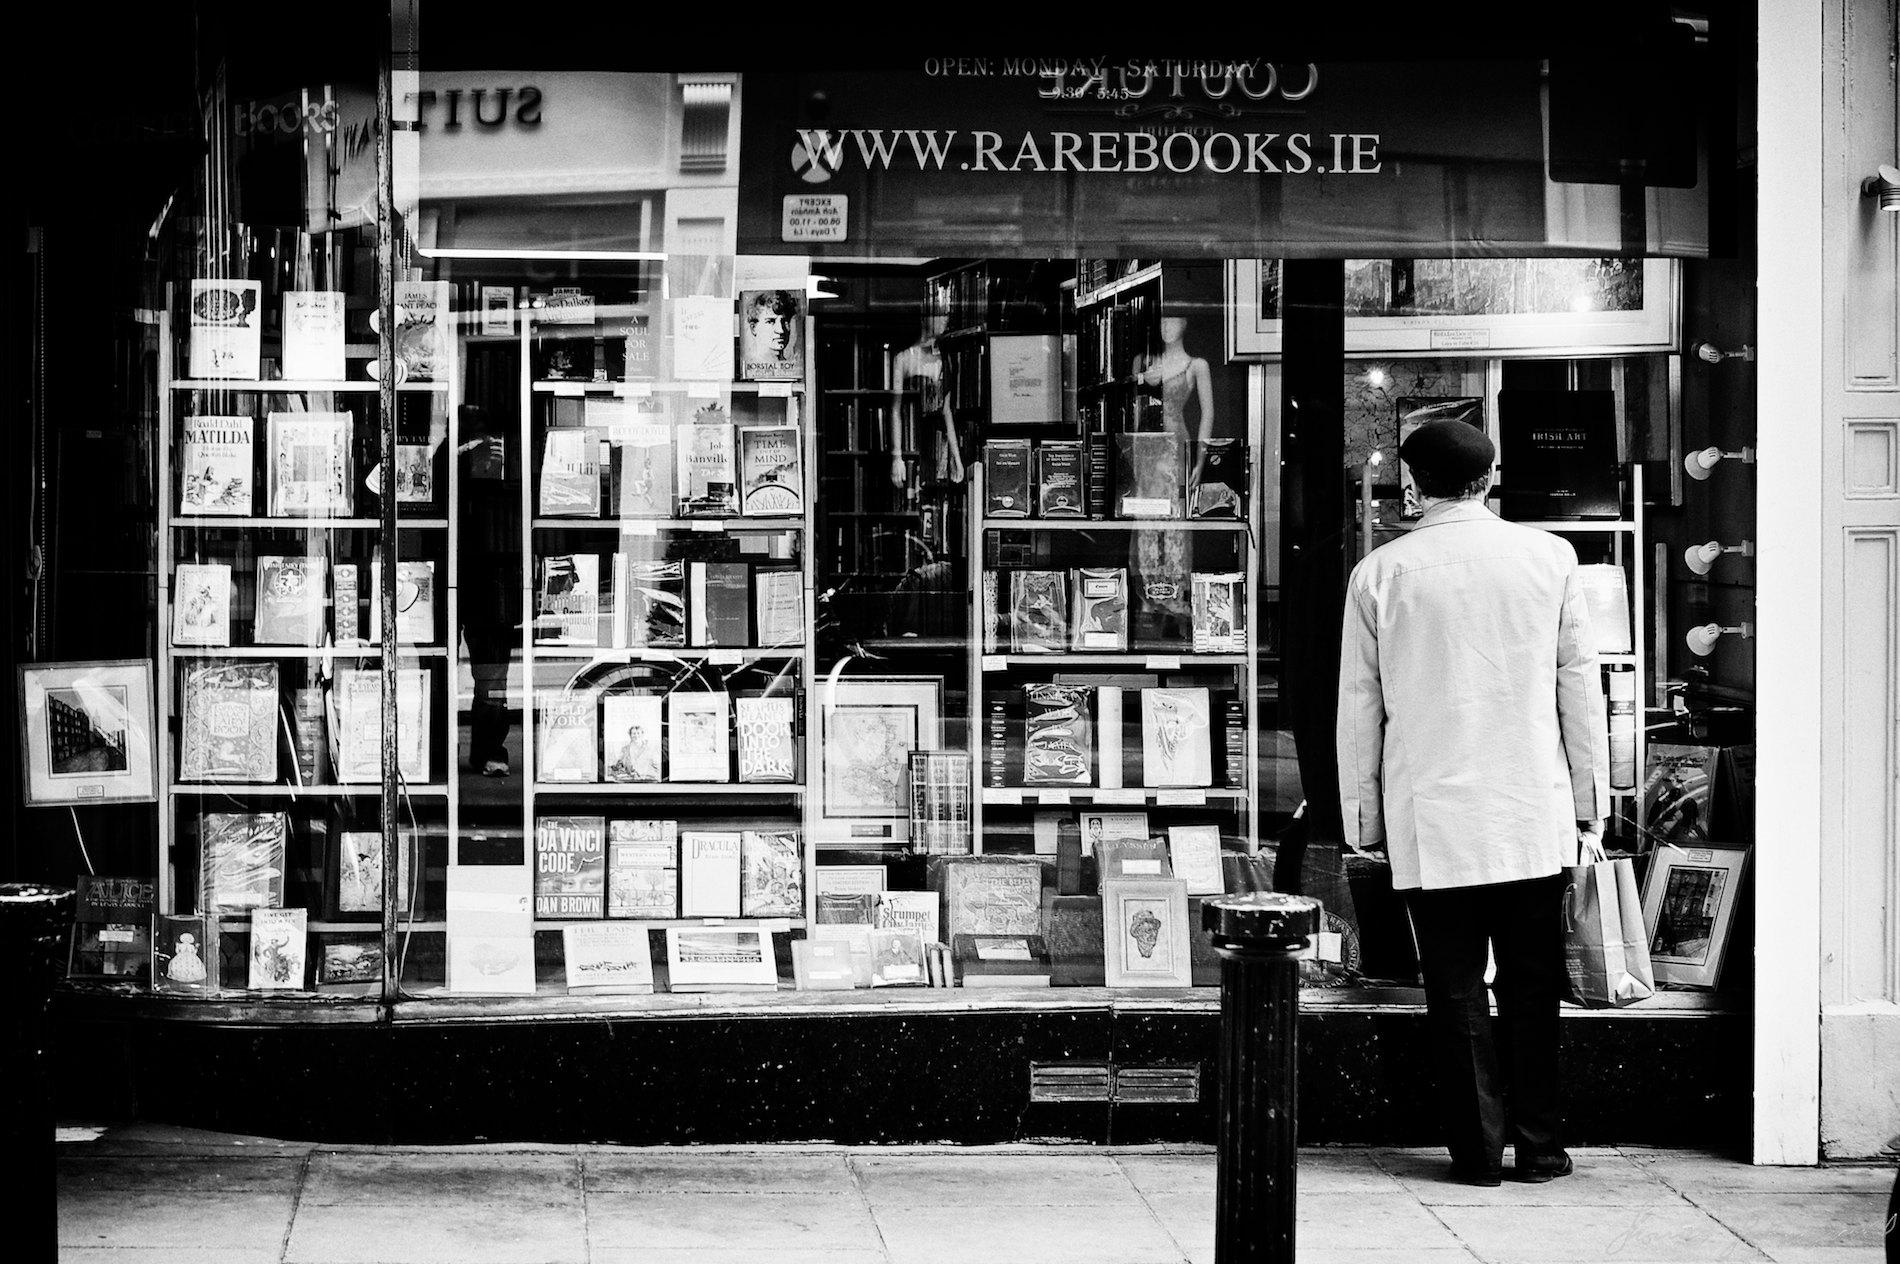 Rare Book Store